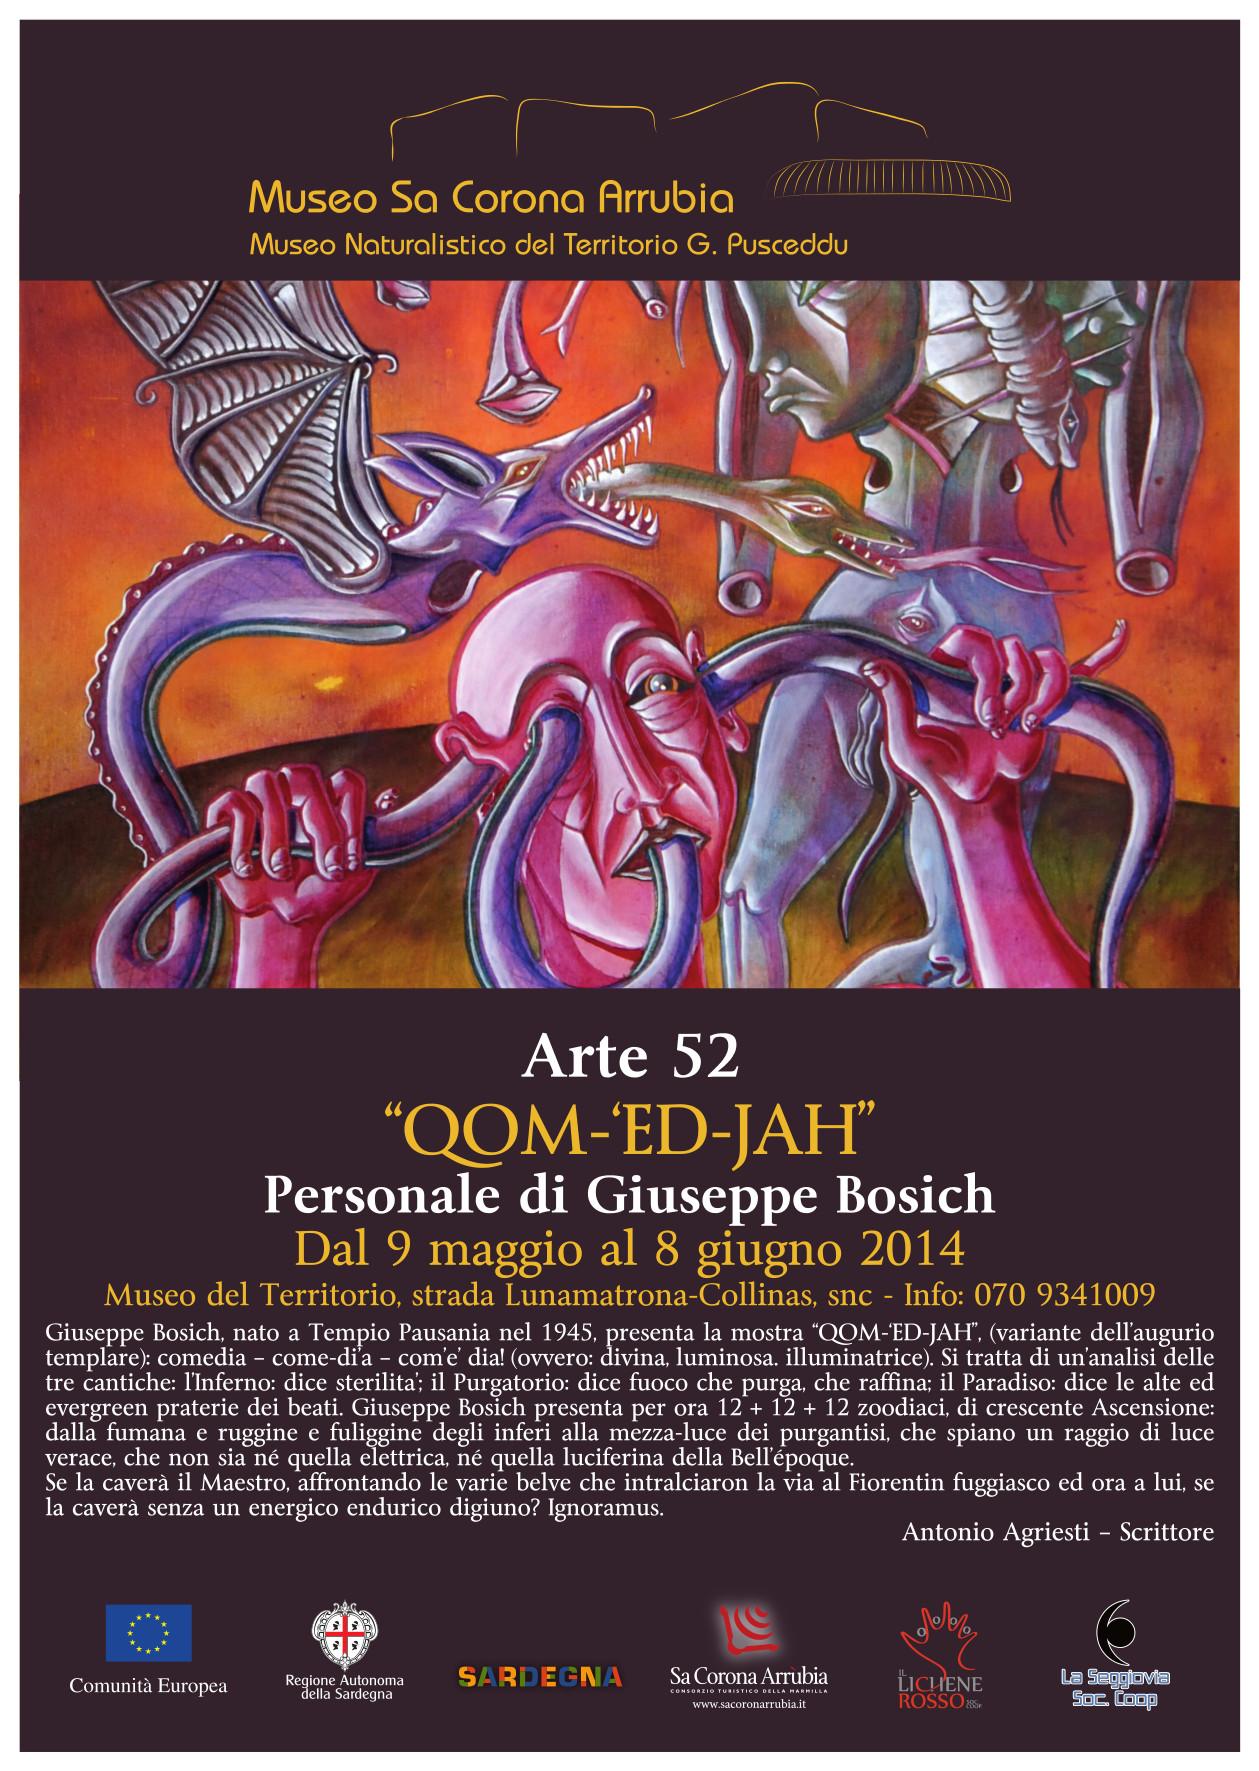 """Arte 52   """"QOM-'ED-JAH""""  Personale di Giuseppe Bosich  Dal 9 maggio al 8 giugno 2014  Museo naturalistico del territorio """"G. Pusceddu"""""""